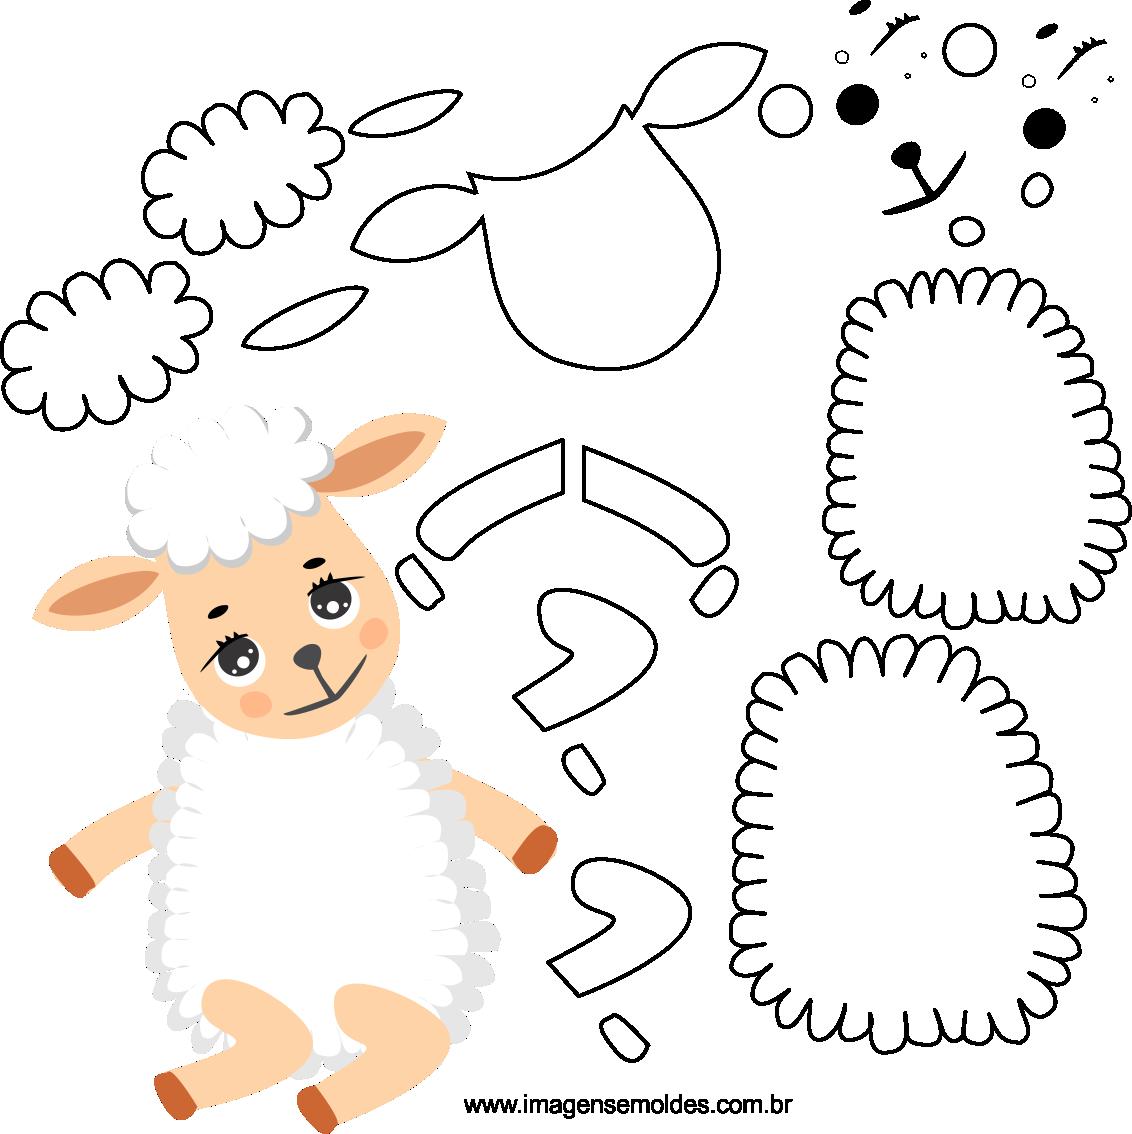 Molde de ovelha 2 para eva, feltro e artesanato, Schafschimmel, sheep mold, molde de oveja